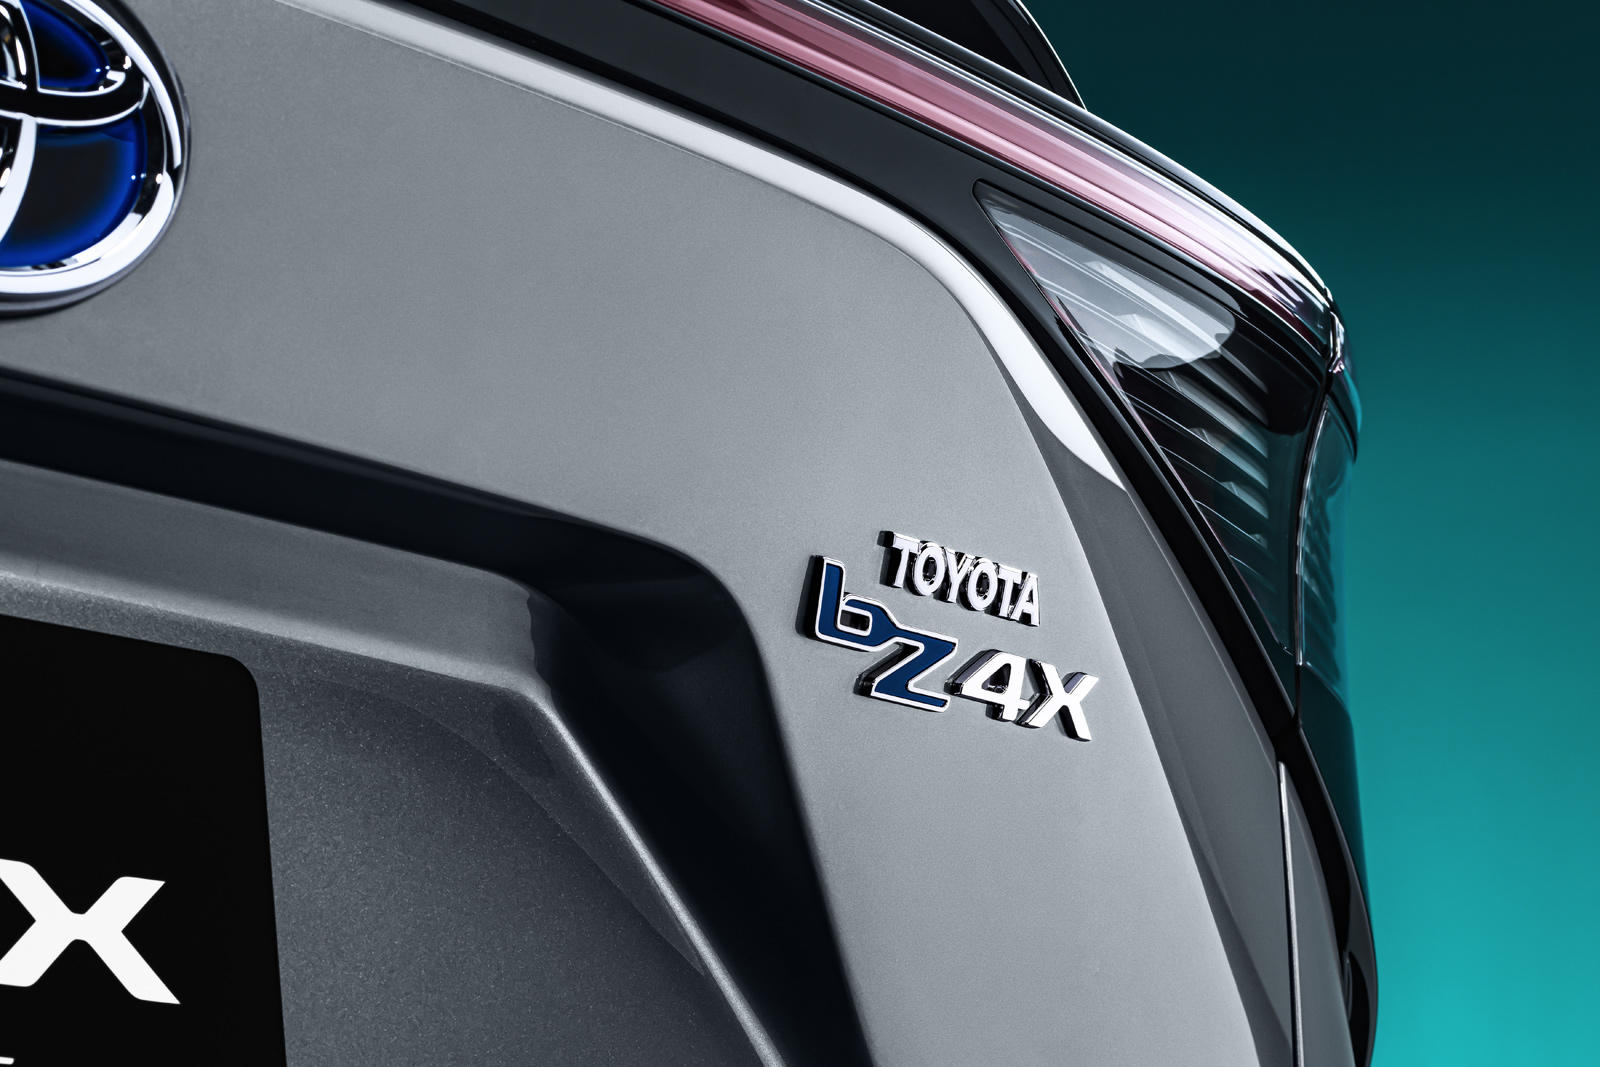 На фотографиях видно, что bZ4X - это двухрядный внедорожник, вмещающий до пяти пассажиров. Внешние и внутренние размеры не указаны, но автомобиль выглядит меньше Toyota RAV4, по крайней мере, снаружи. У электромобилей, как правило, длинная колесная б